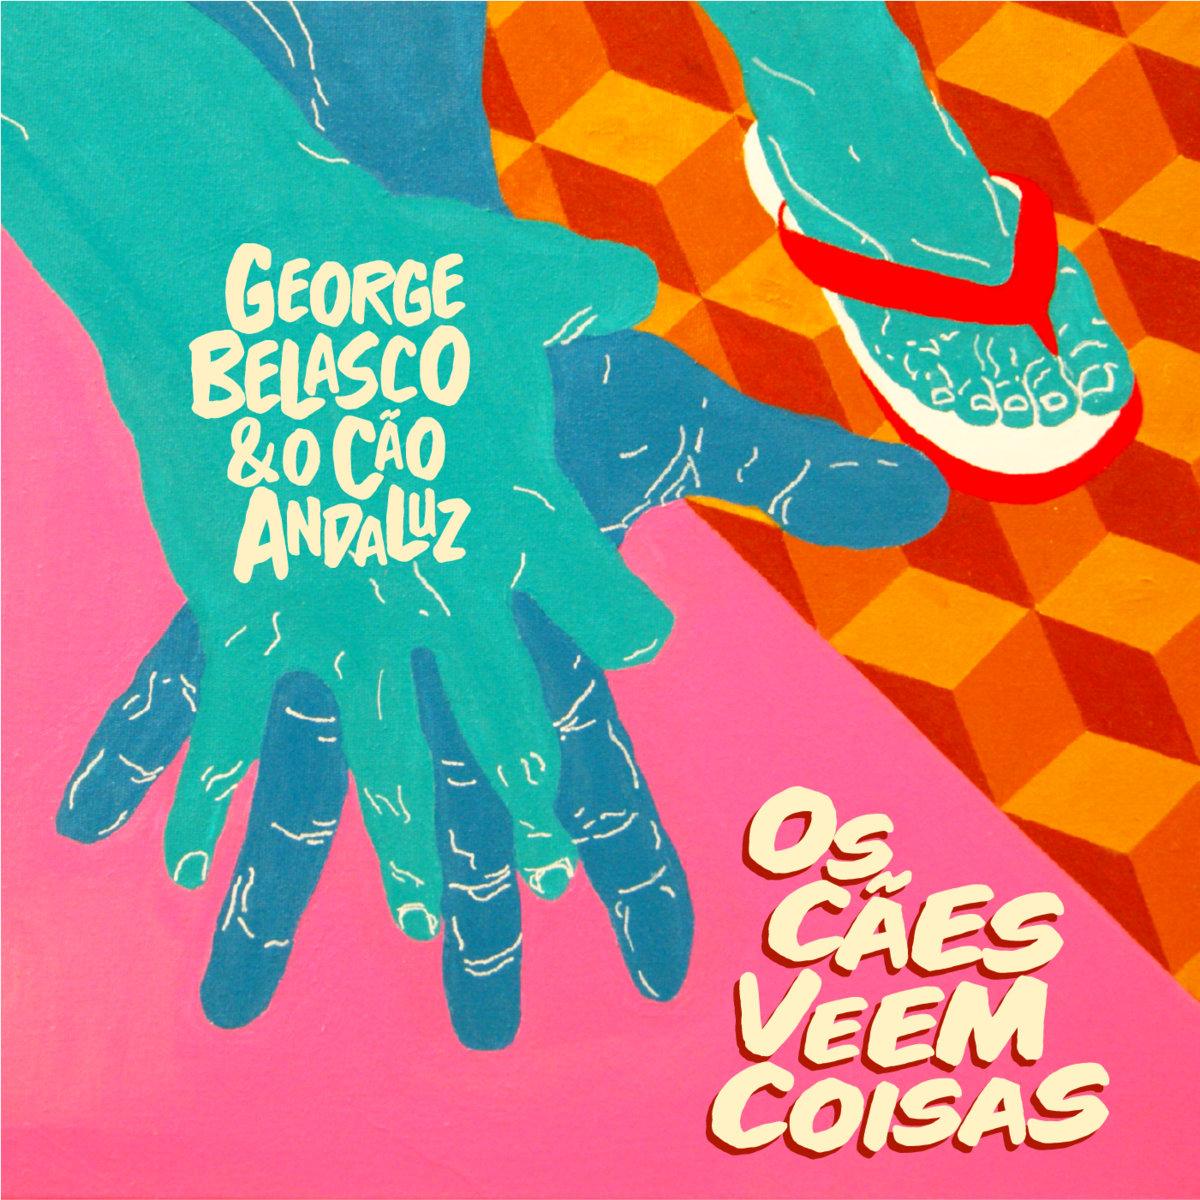 George Belasco _ O Cao Andaluz_.jpg